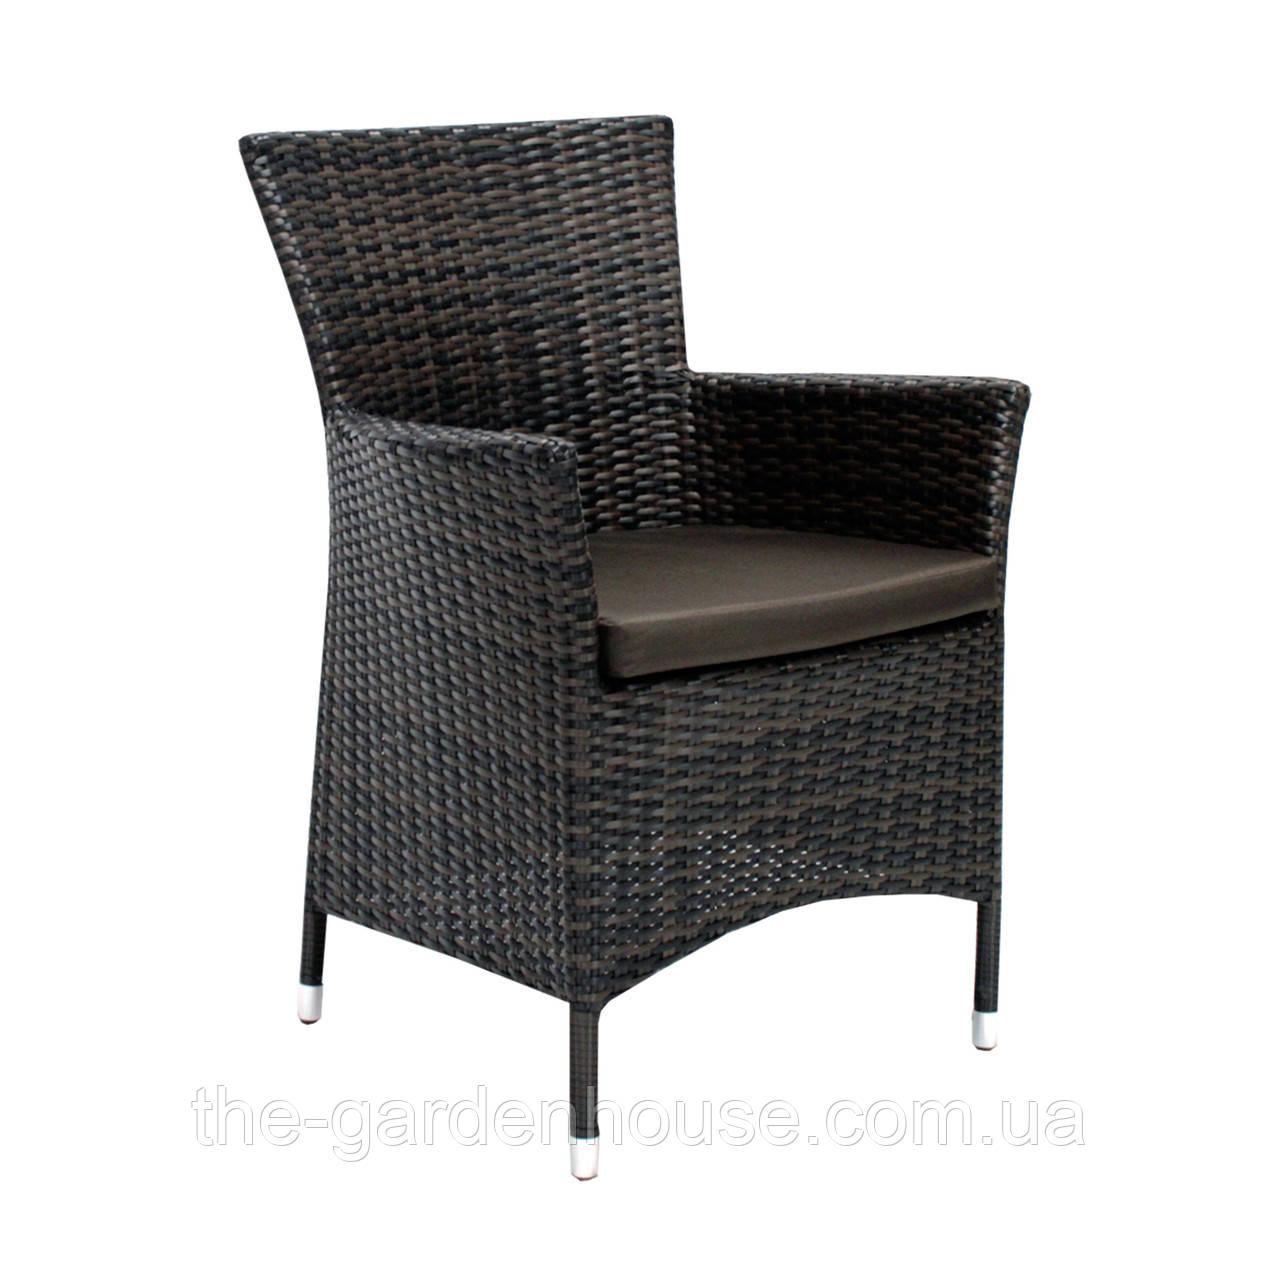 Садовое кресло Wicker-1 из искусственного ротанга темно-коричневое